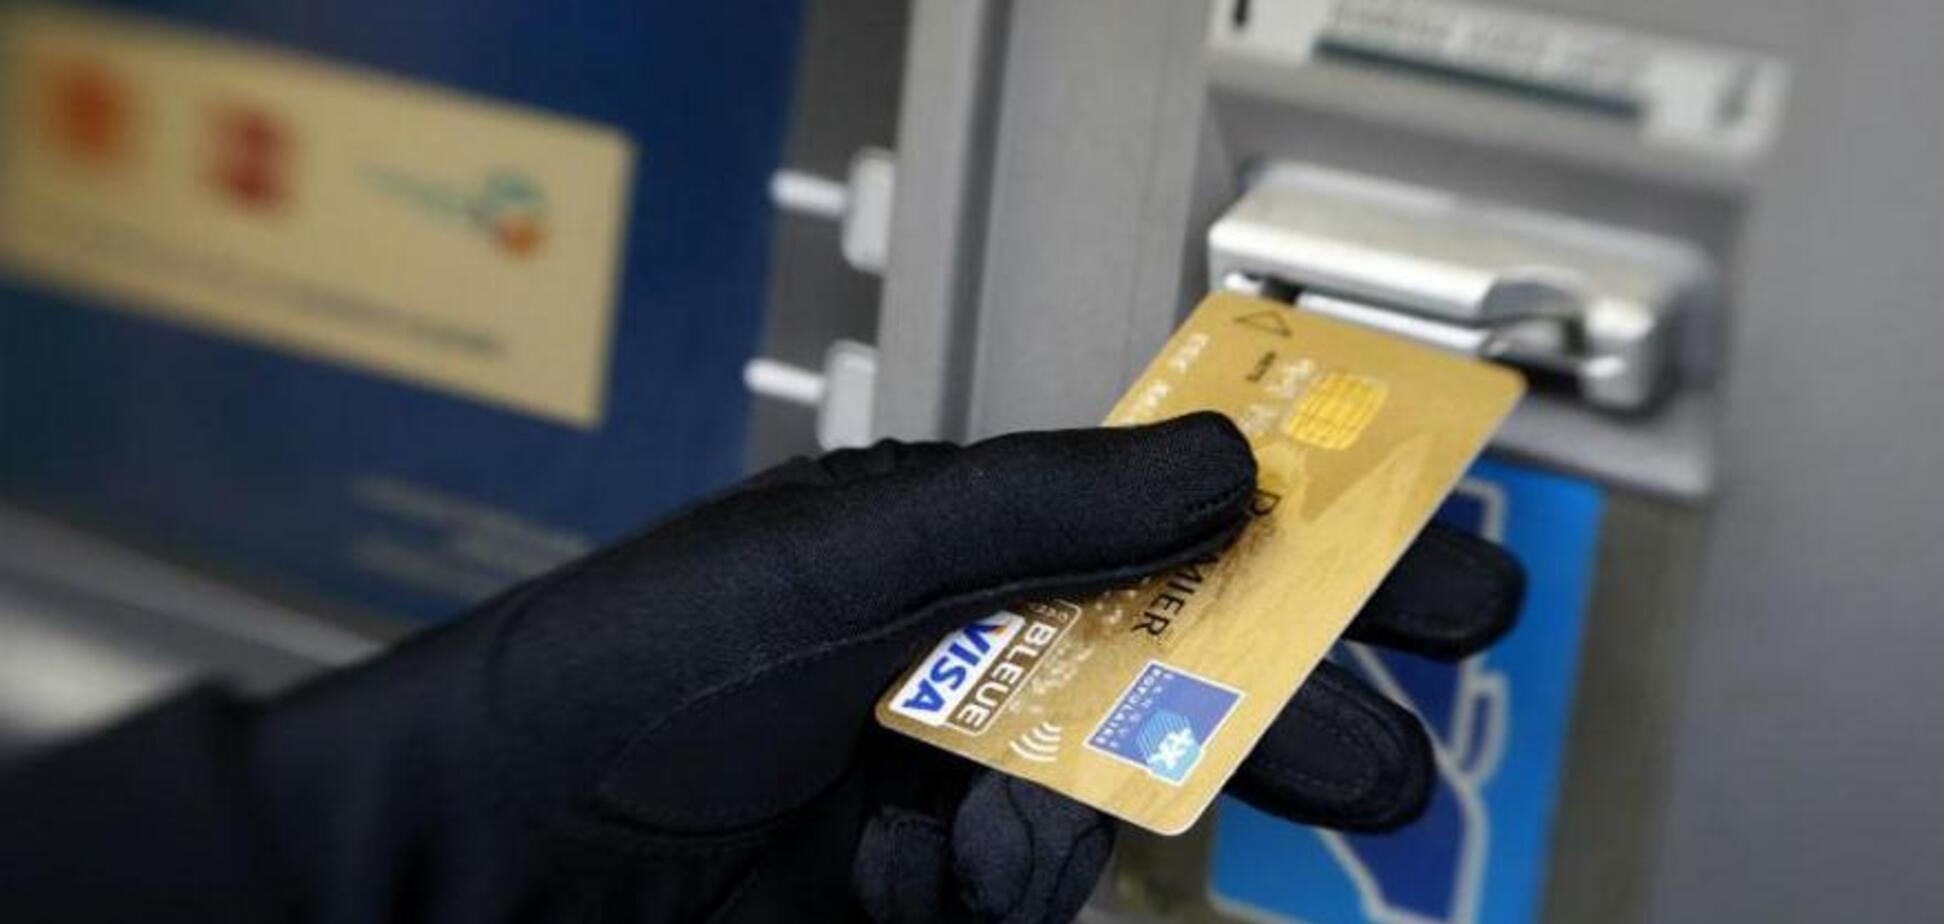 Обережно, шахраї! Юрист дав поради власникам банківських карт